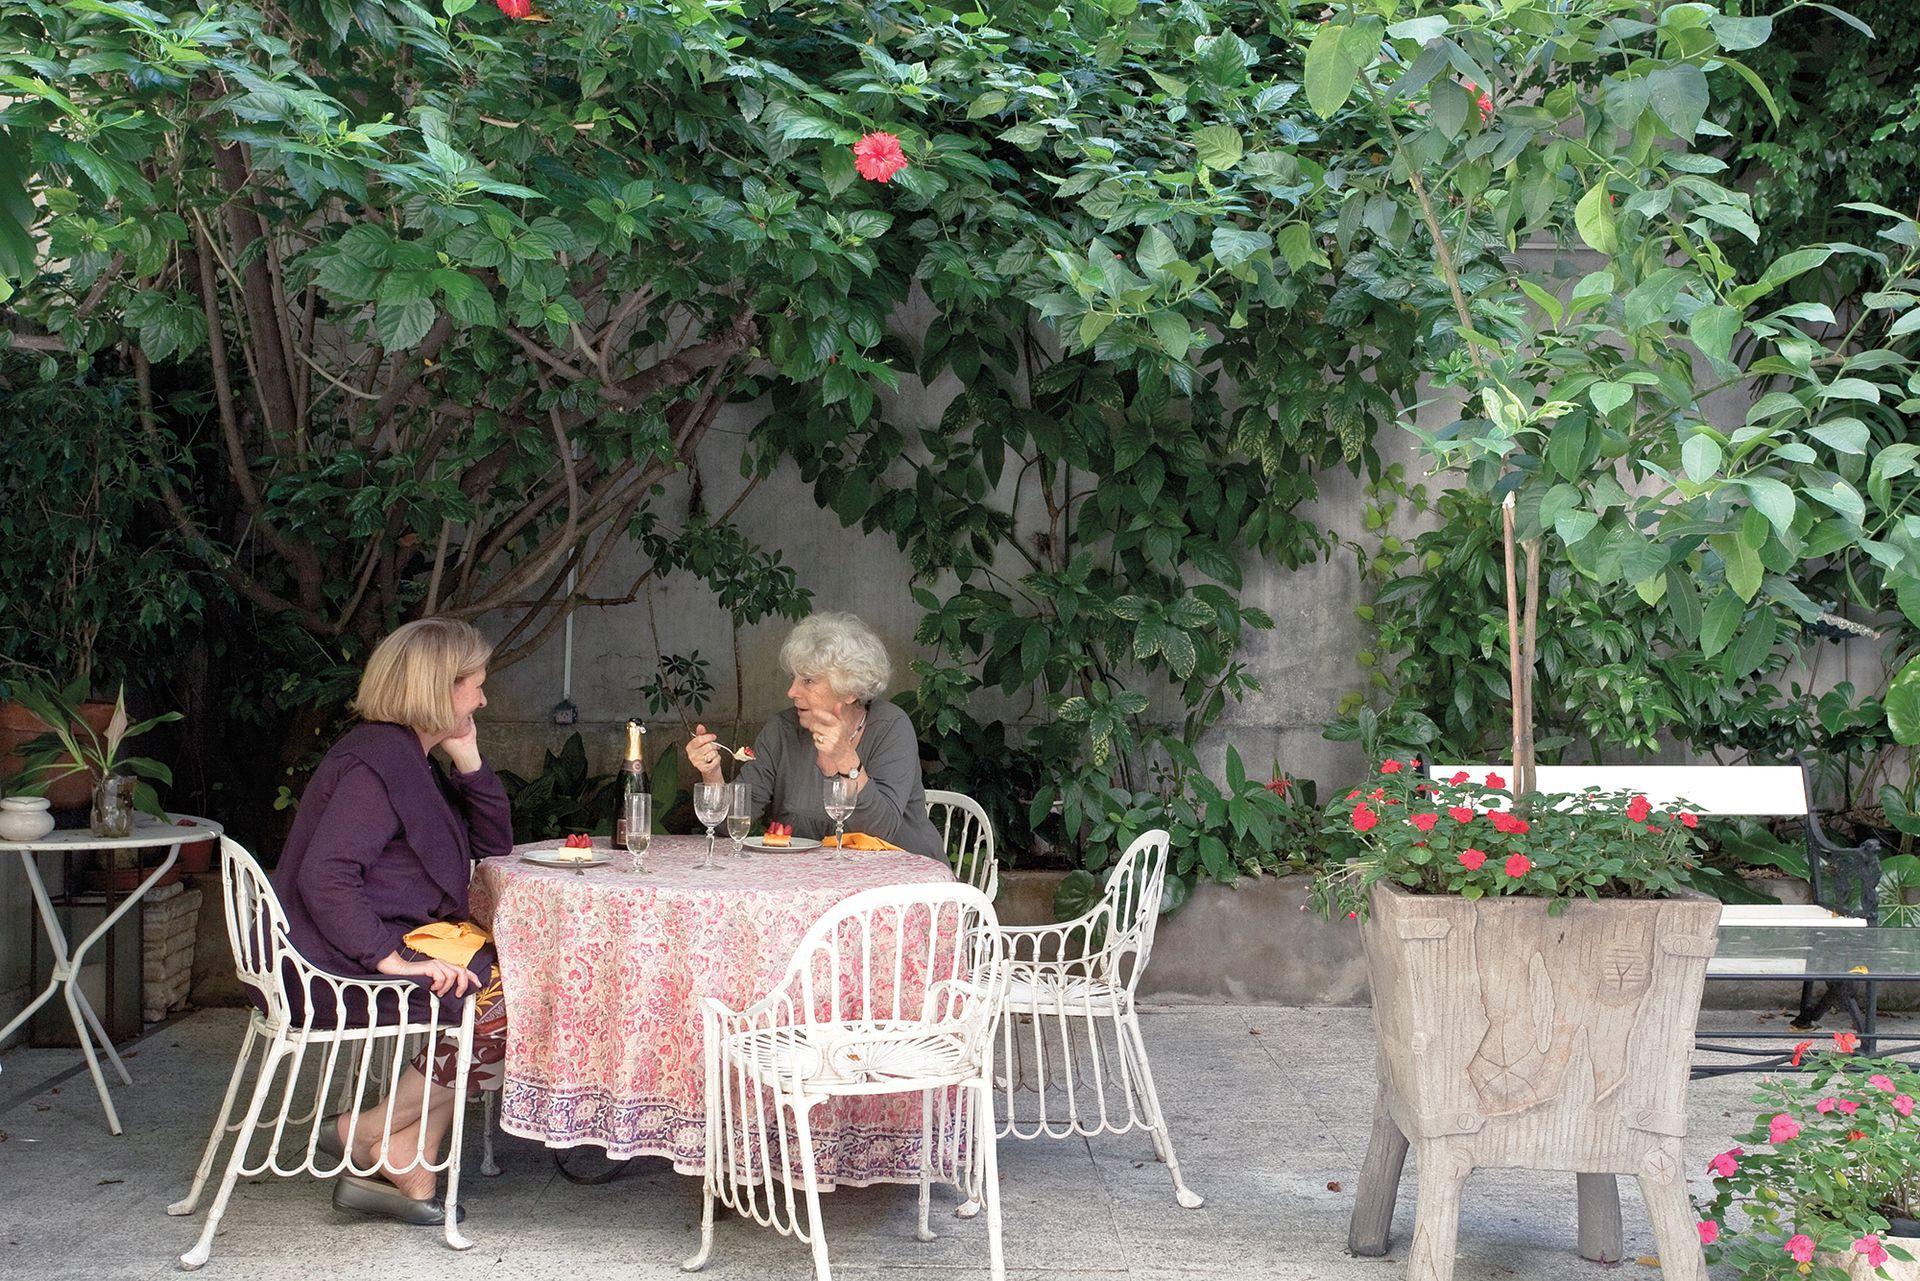 El patio es un refugio privilegiado para tardes y noches de verano